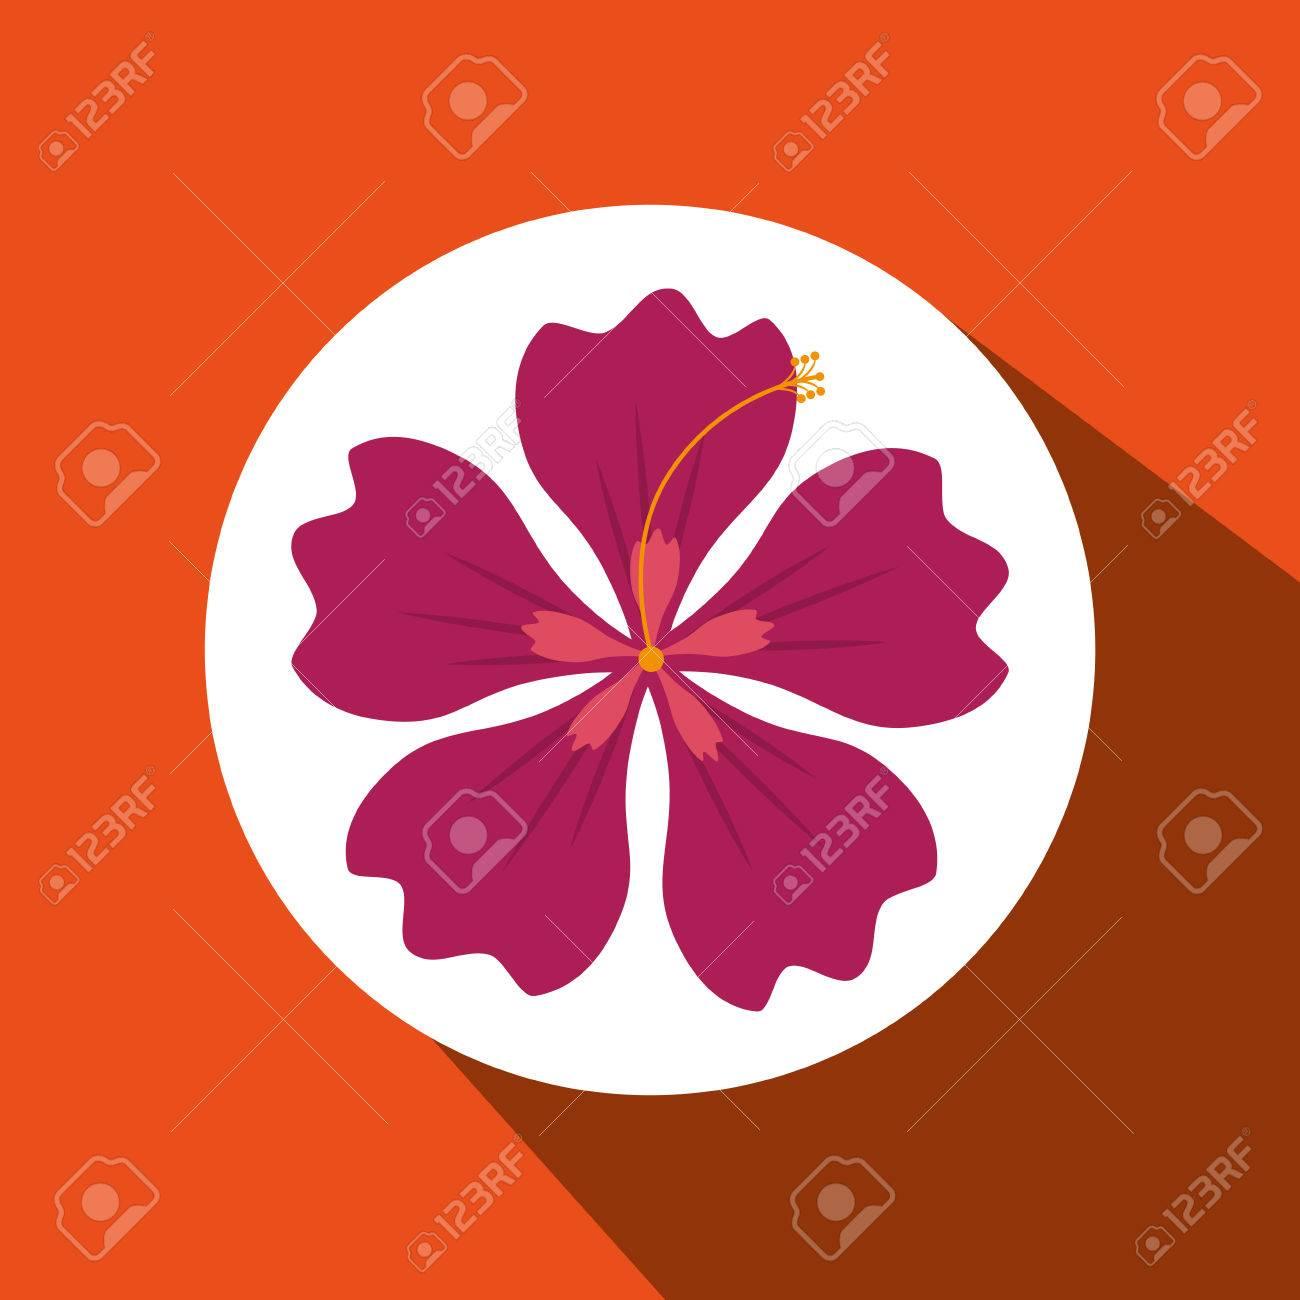 Diseno De Flores Hawaiano Ejemplo Grafico Del Vector Eps10